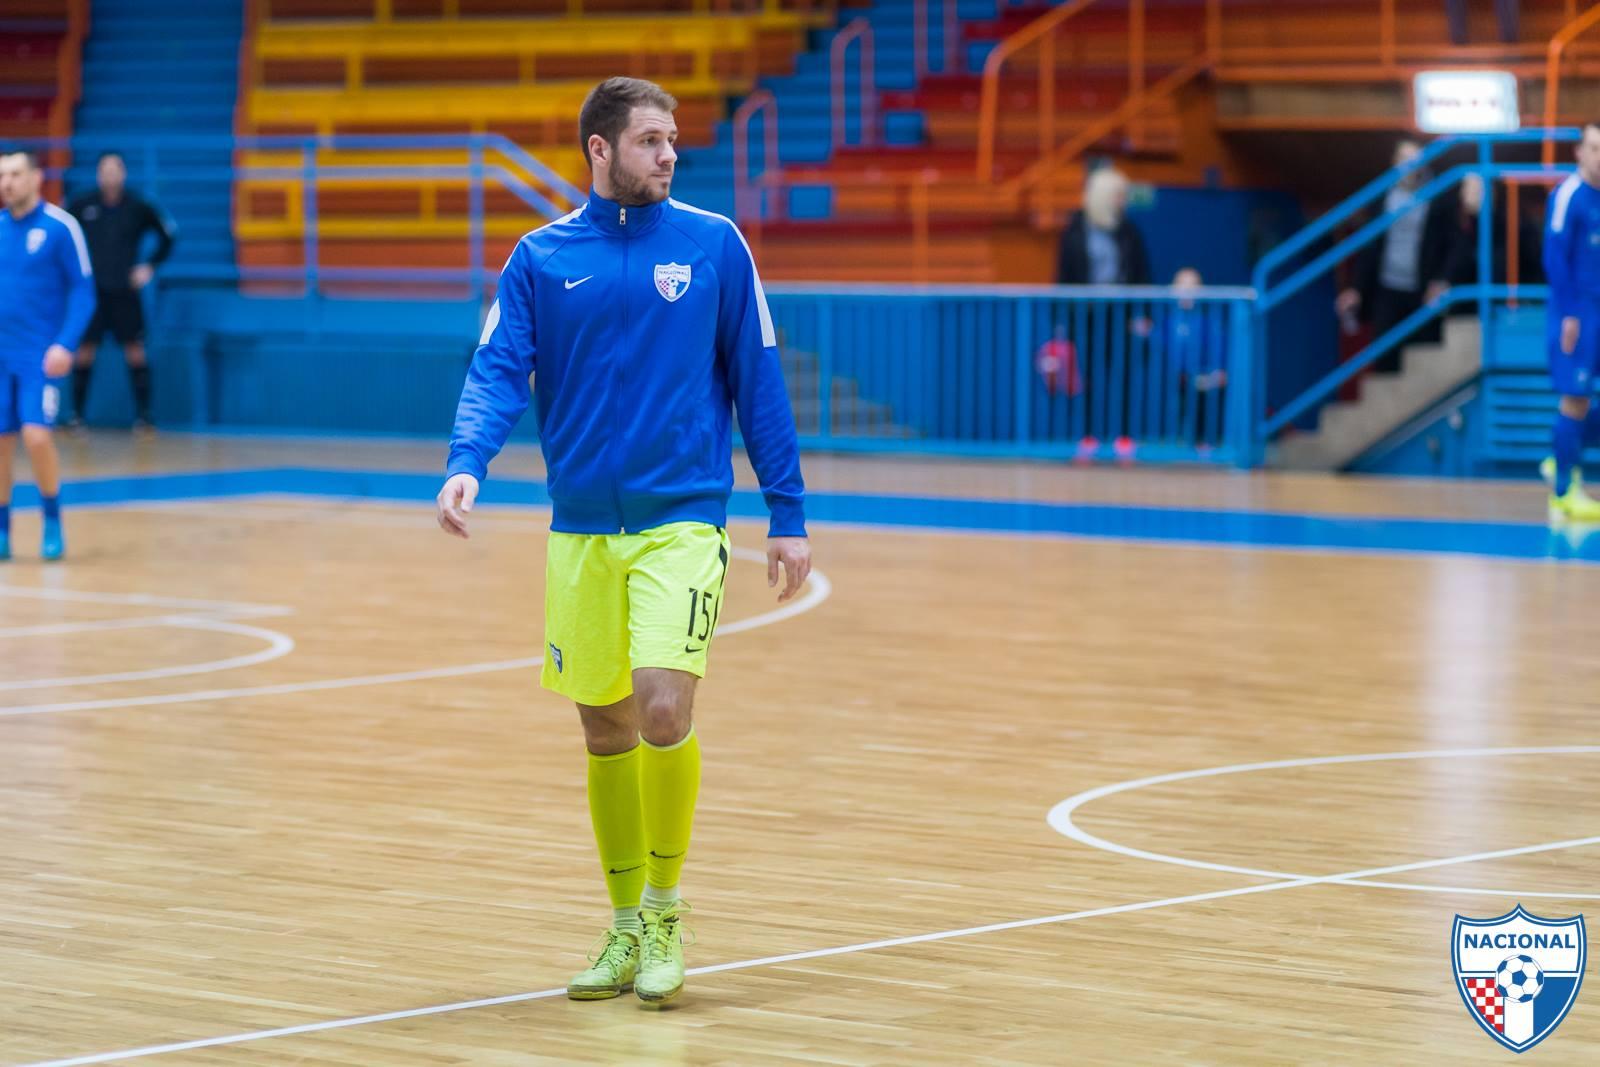 IVAN JURIŠIĆ ZA SLUŽBENU STRANICU NACIONALA: Futsal je jako popularan u Hercegovini